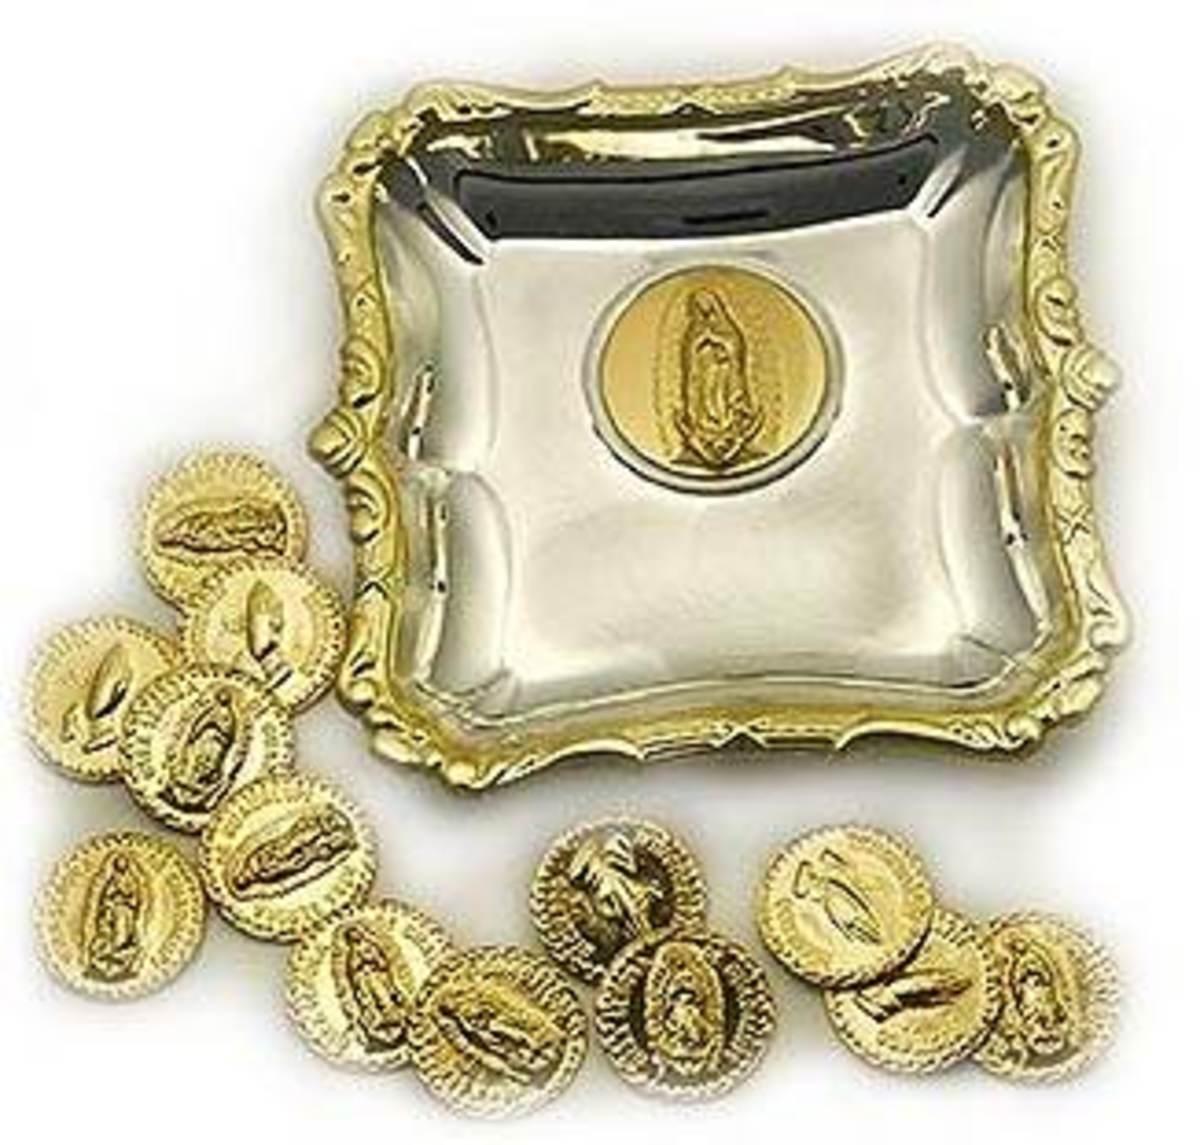 Thirteen Gold Coins